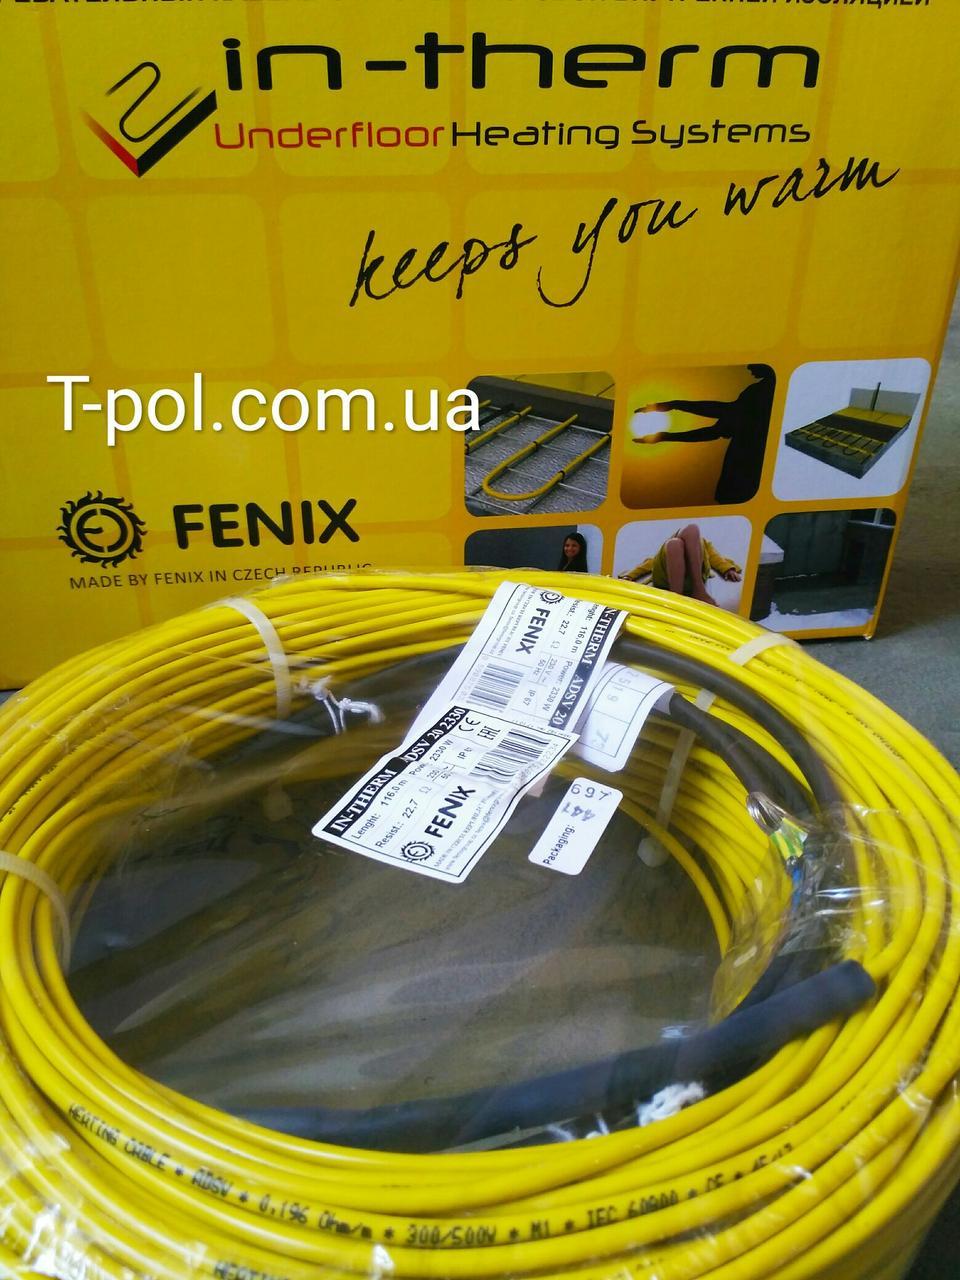 Двужильный экранированный нагревательный кабель adsv20 In-therm 1850 вт, 92 м